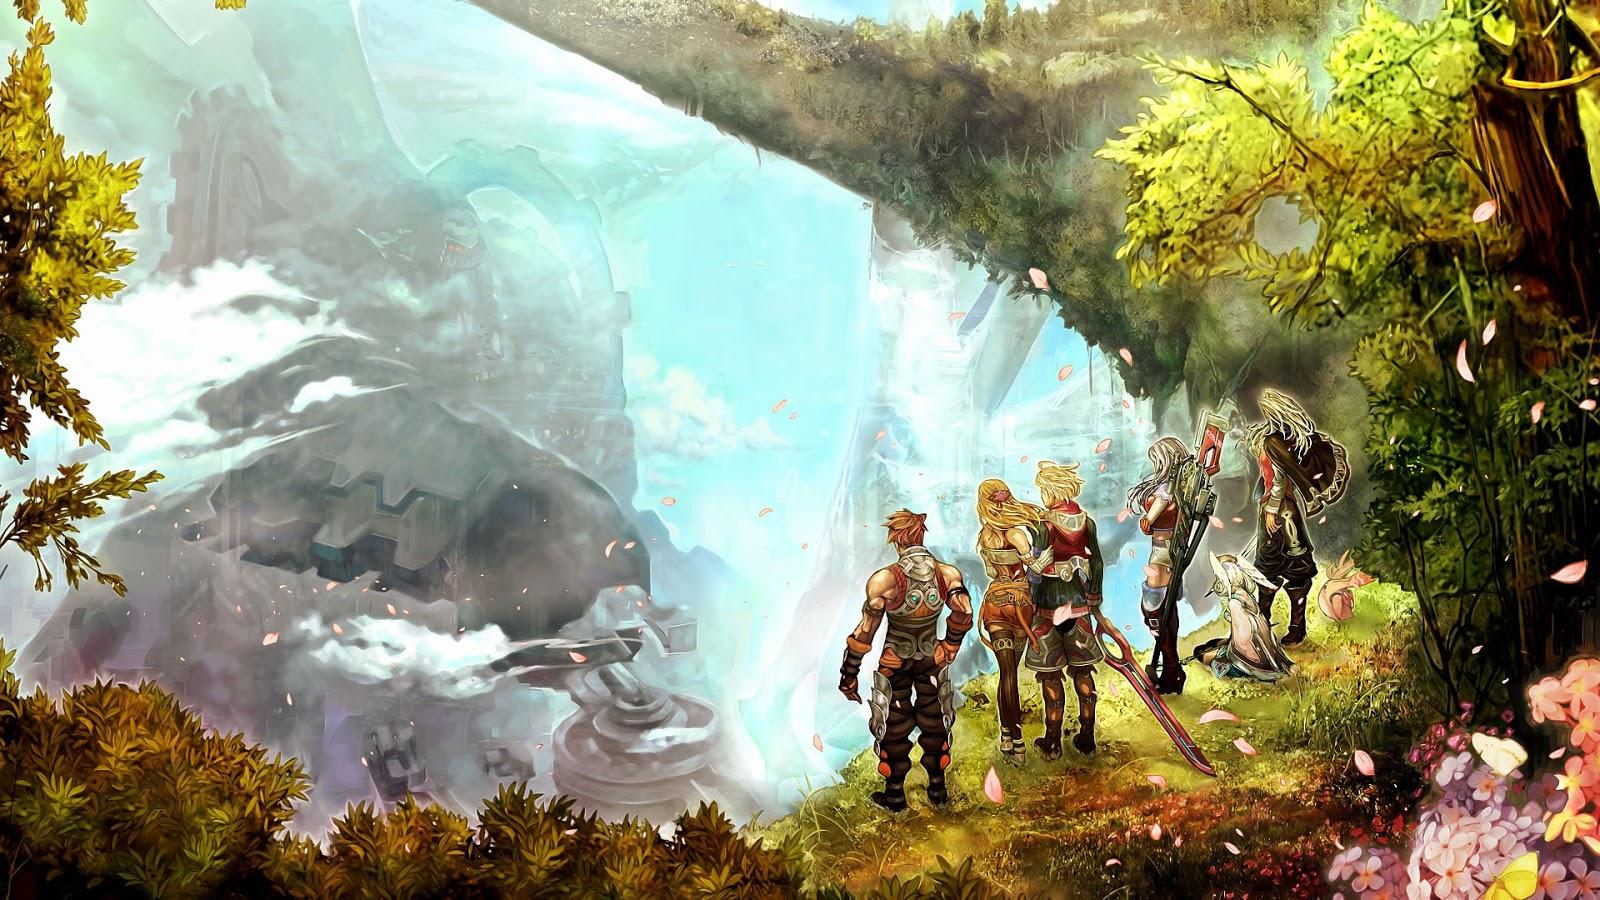 http://4.bp.blogspot.com/-0J3SpnanDZw/UH4sPt1b-eI/AAAAAAAACrI/kYcQU0D2uGo/s1600/Xenoblade-Chronicles-Wallpapers-2.jpg